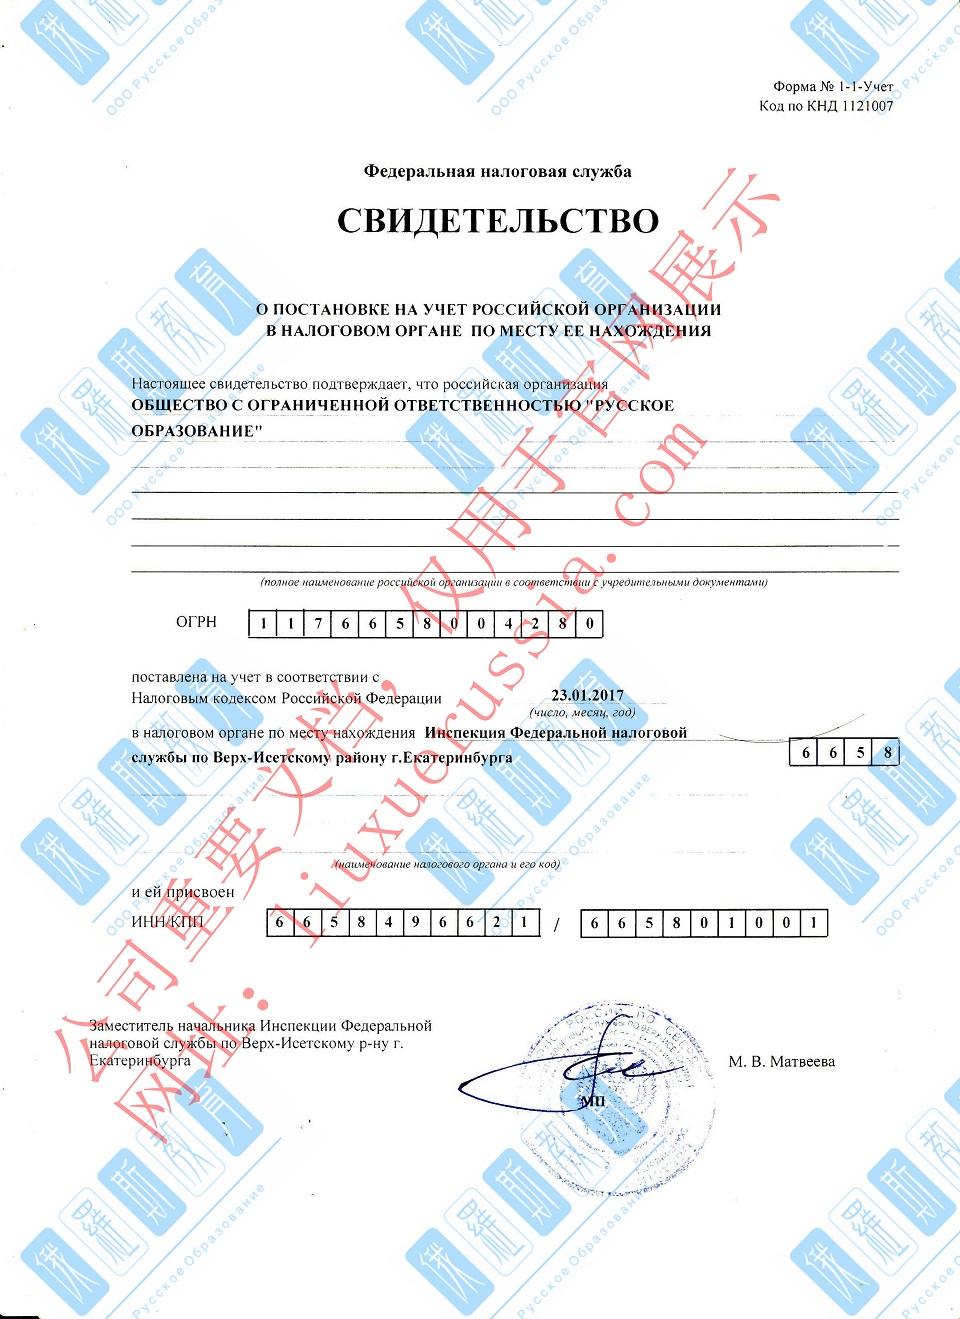 《俄罗斯教育》有限公司基本信息插图-小狮座俄罗斯留学